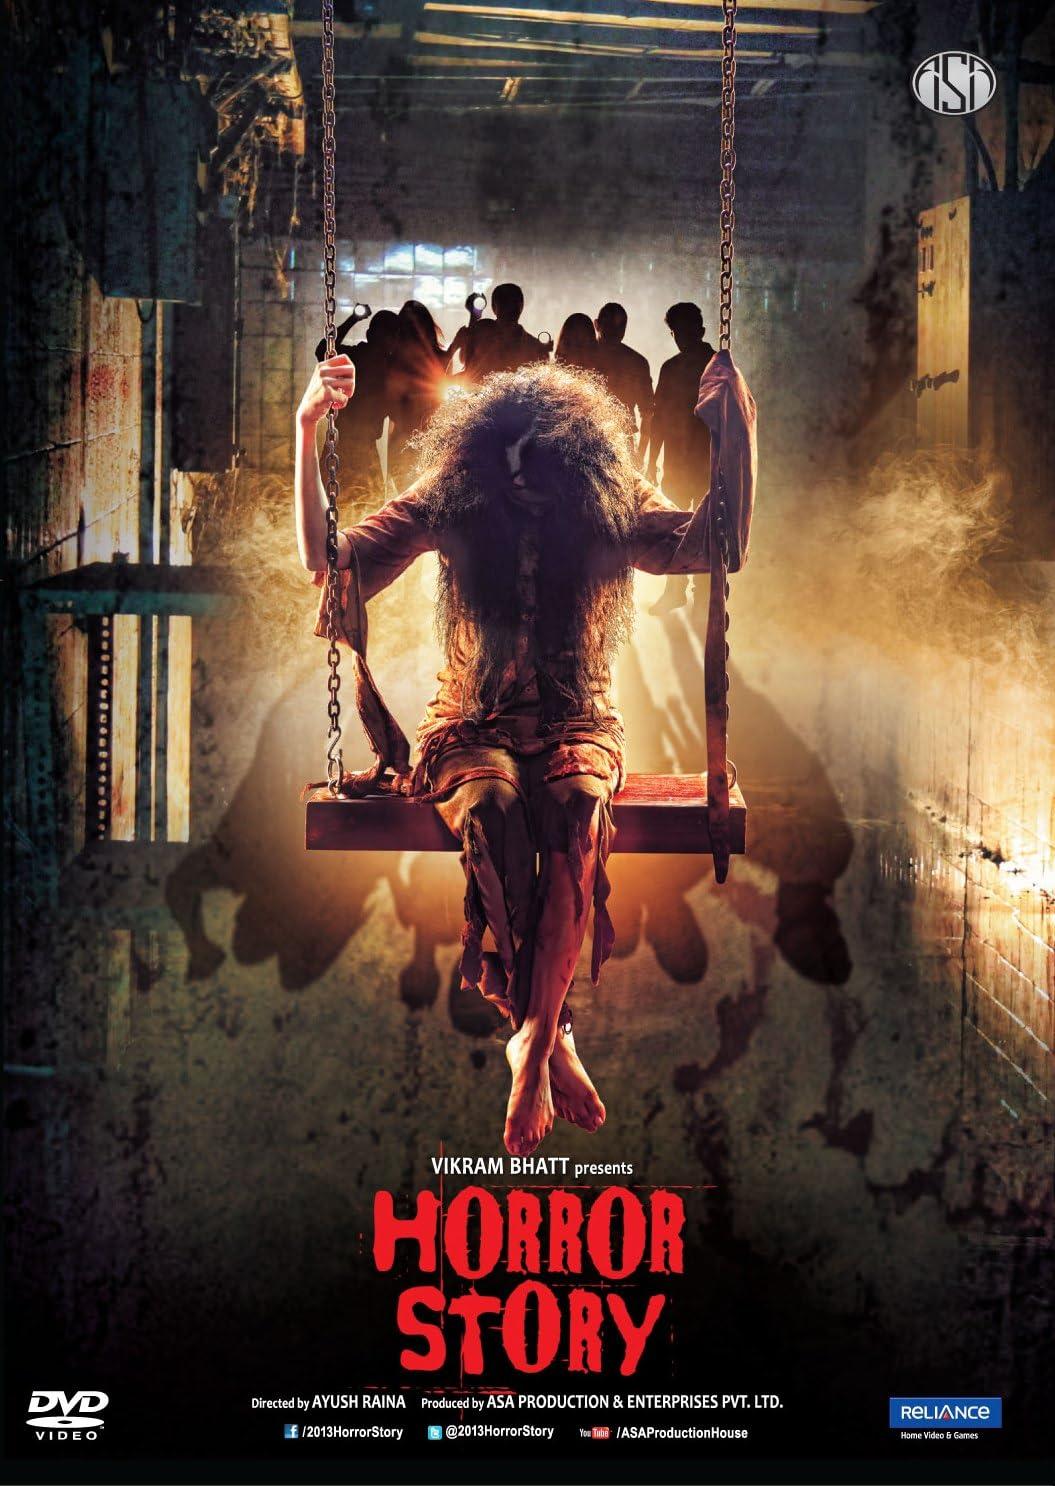 Horror Story (2013) centmovies.xyz